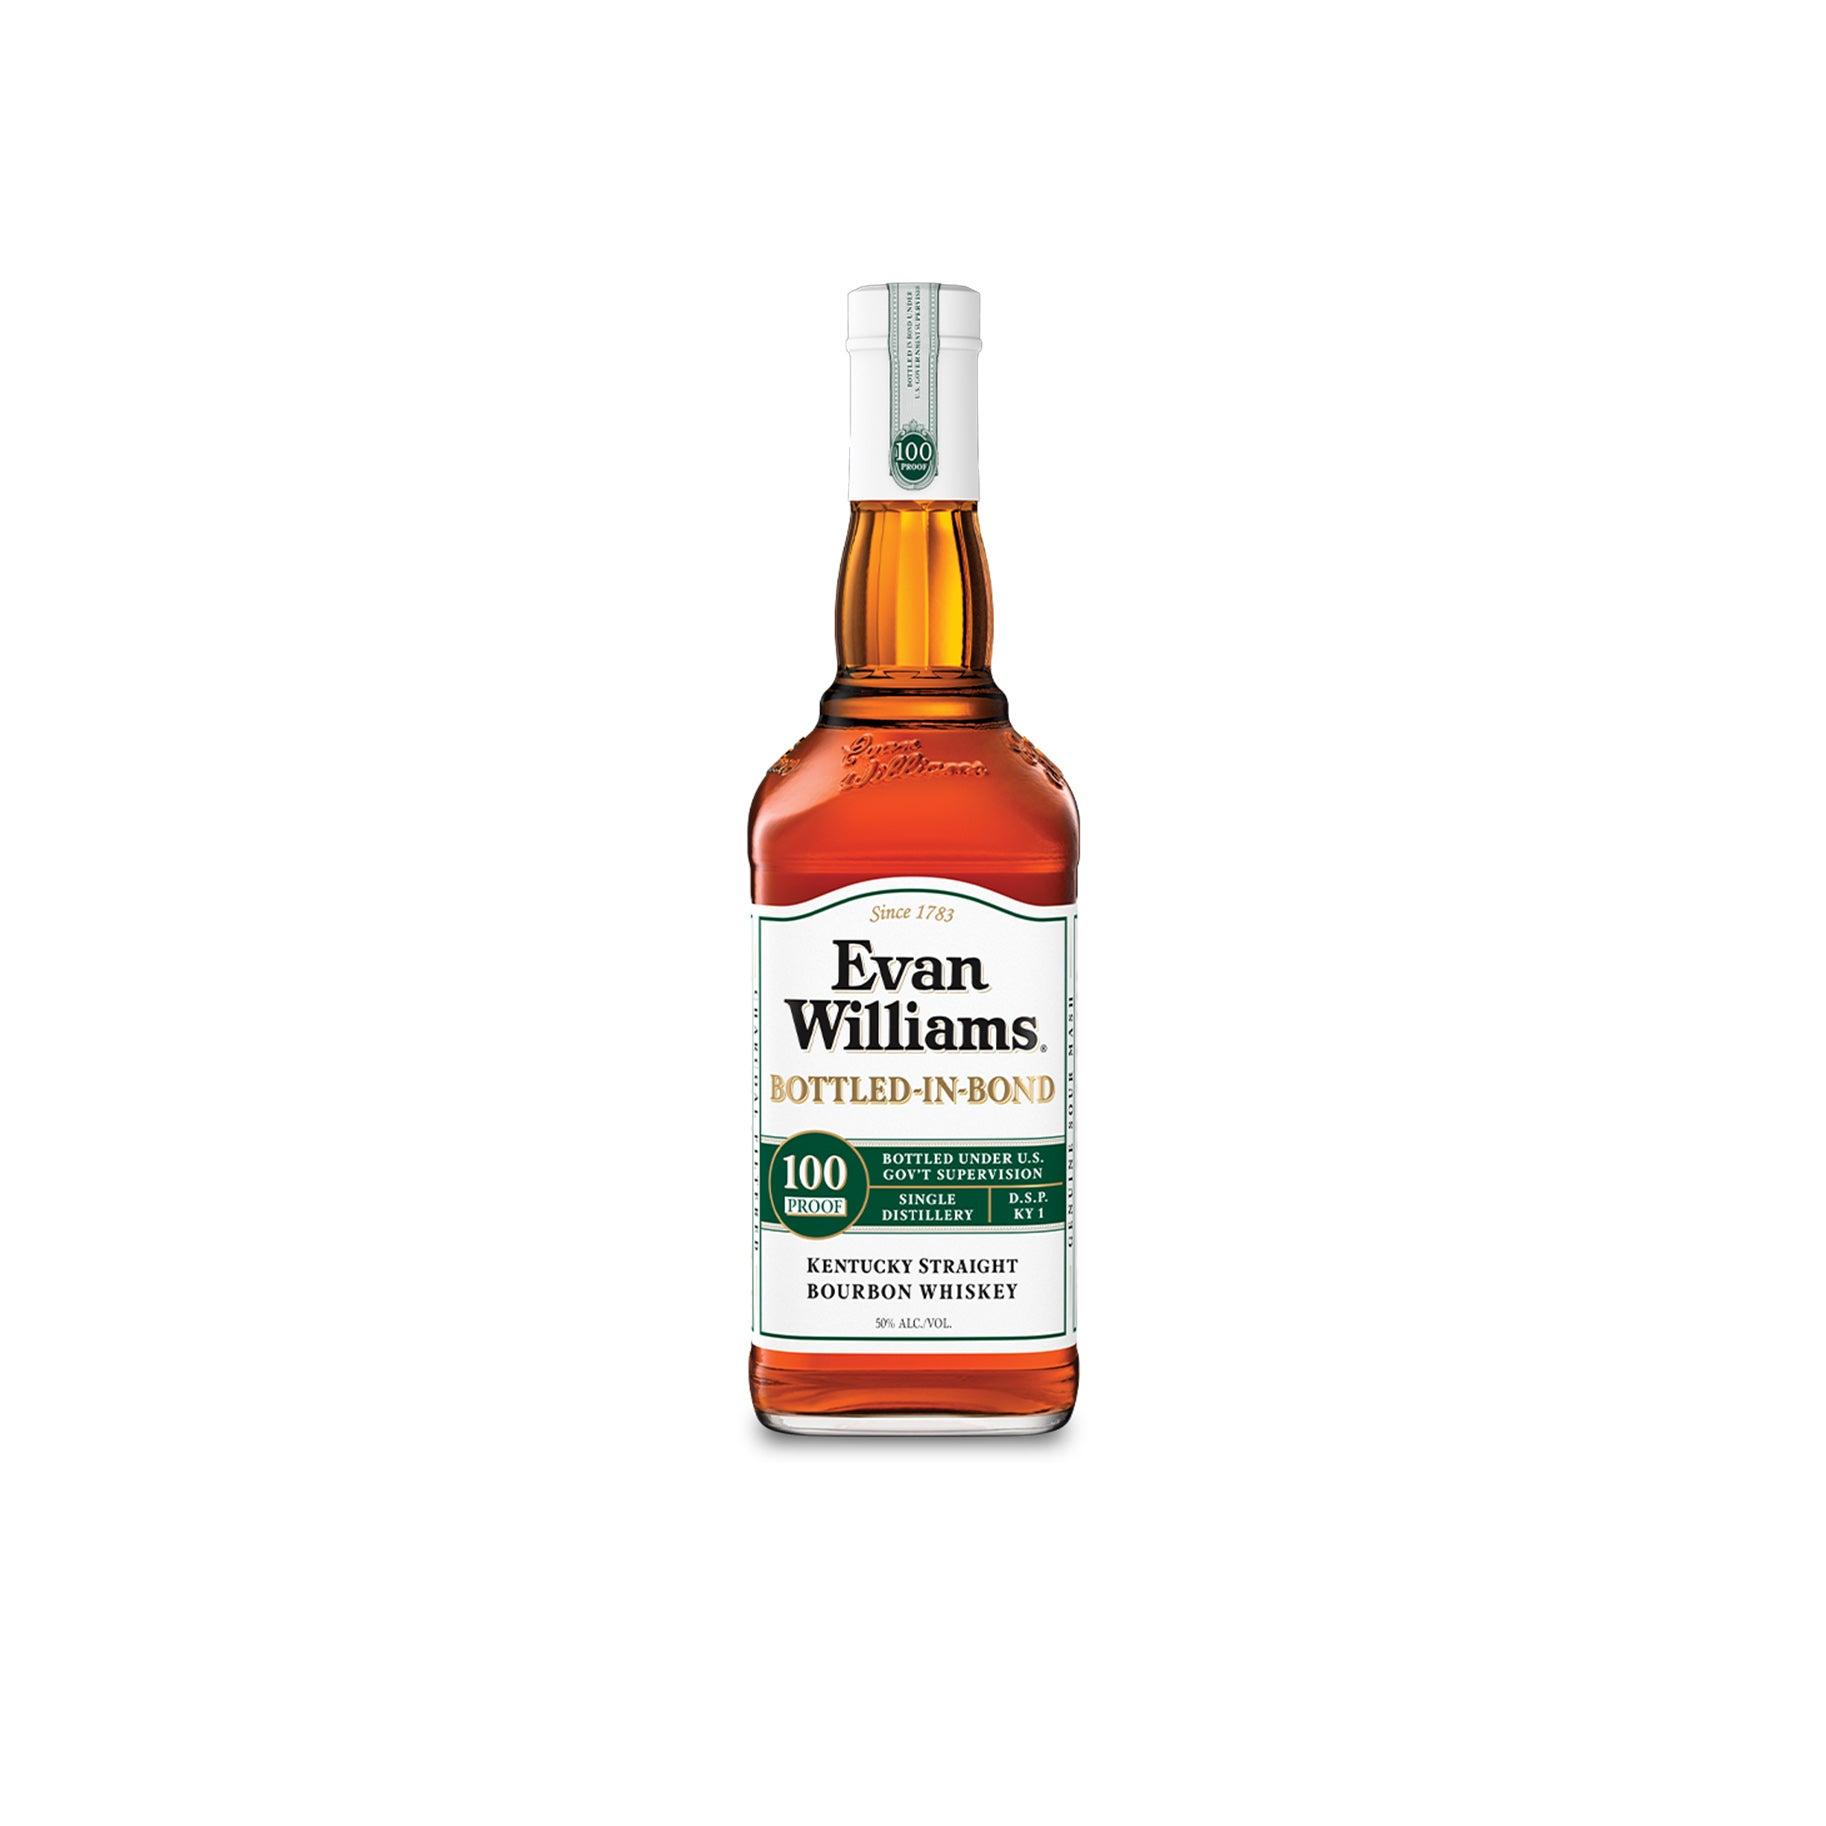 The Best Bourbons Option: Evan Williams Bottled-in-Bond